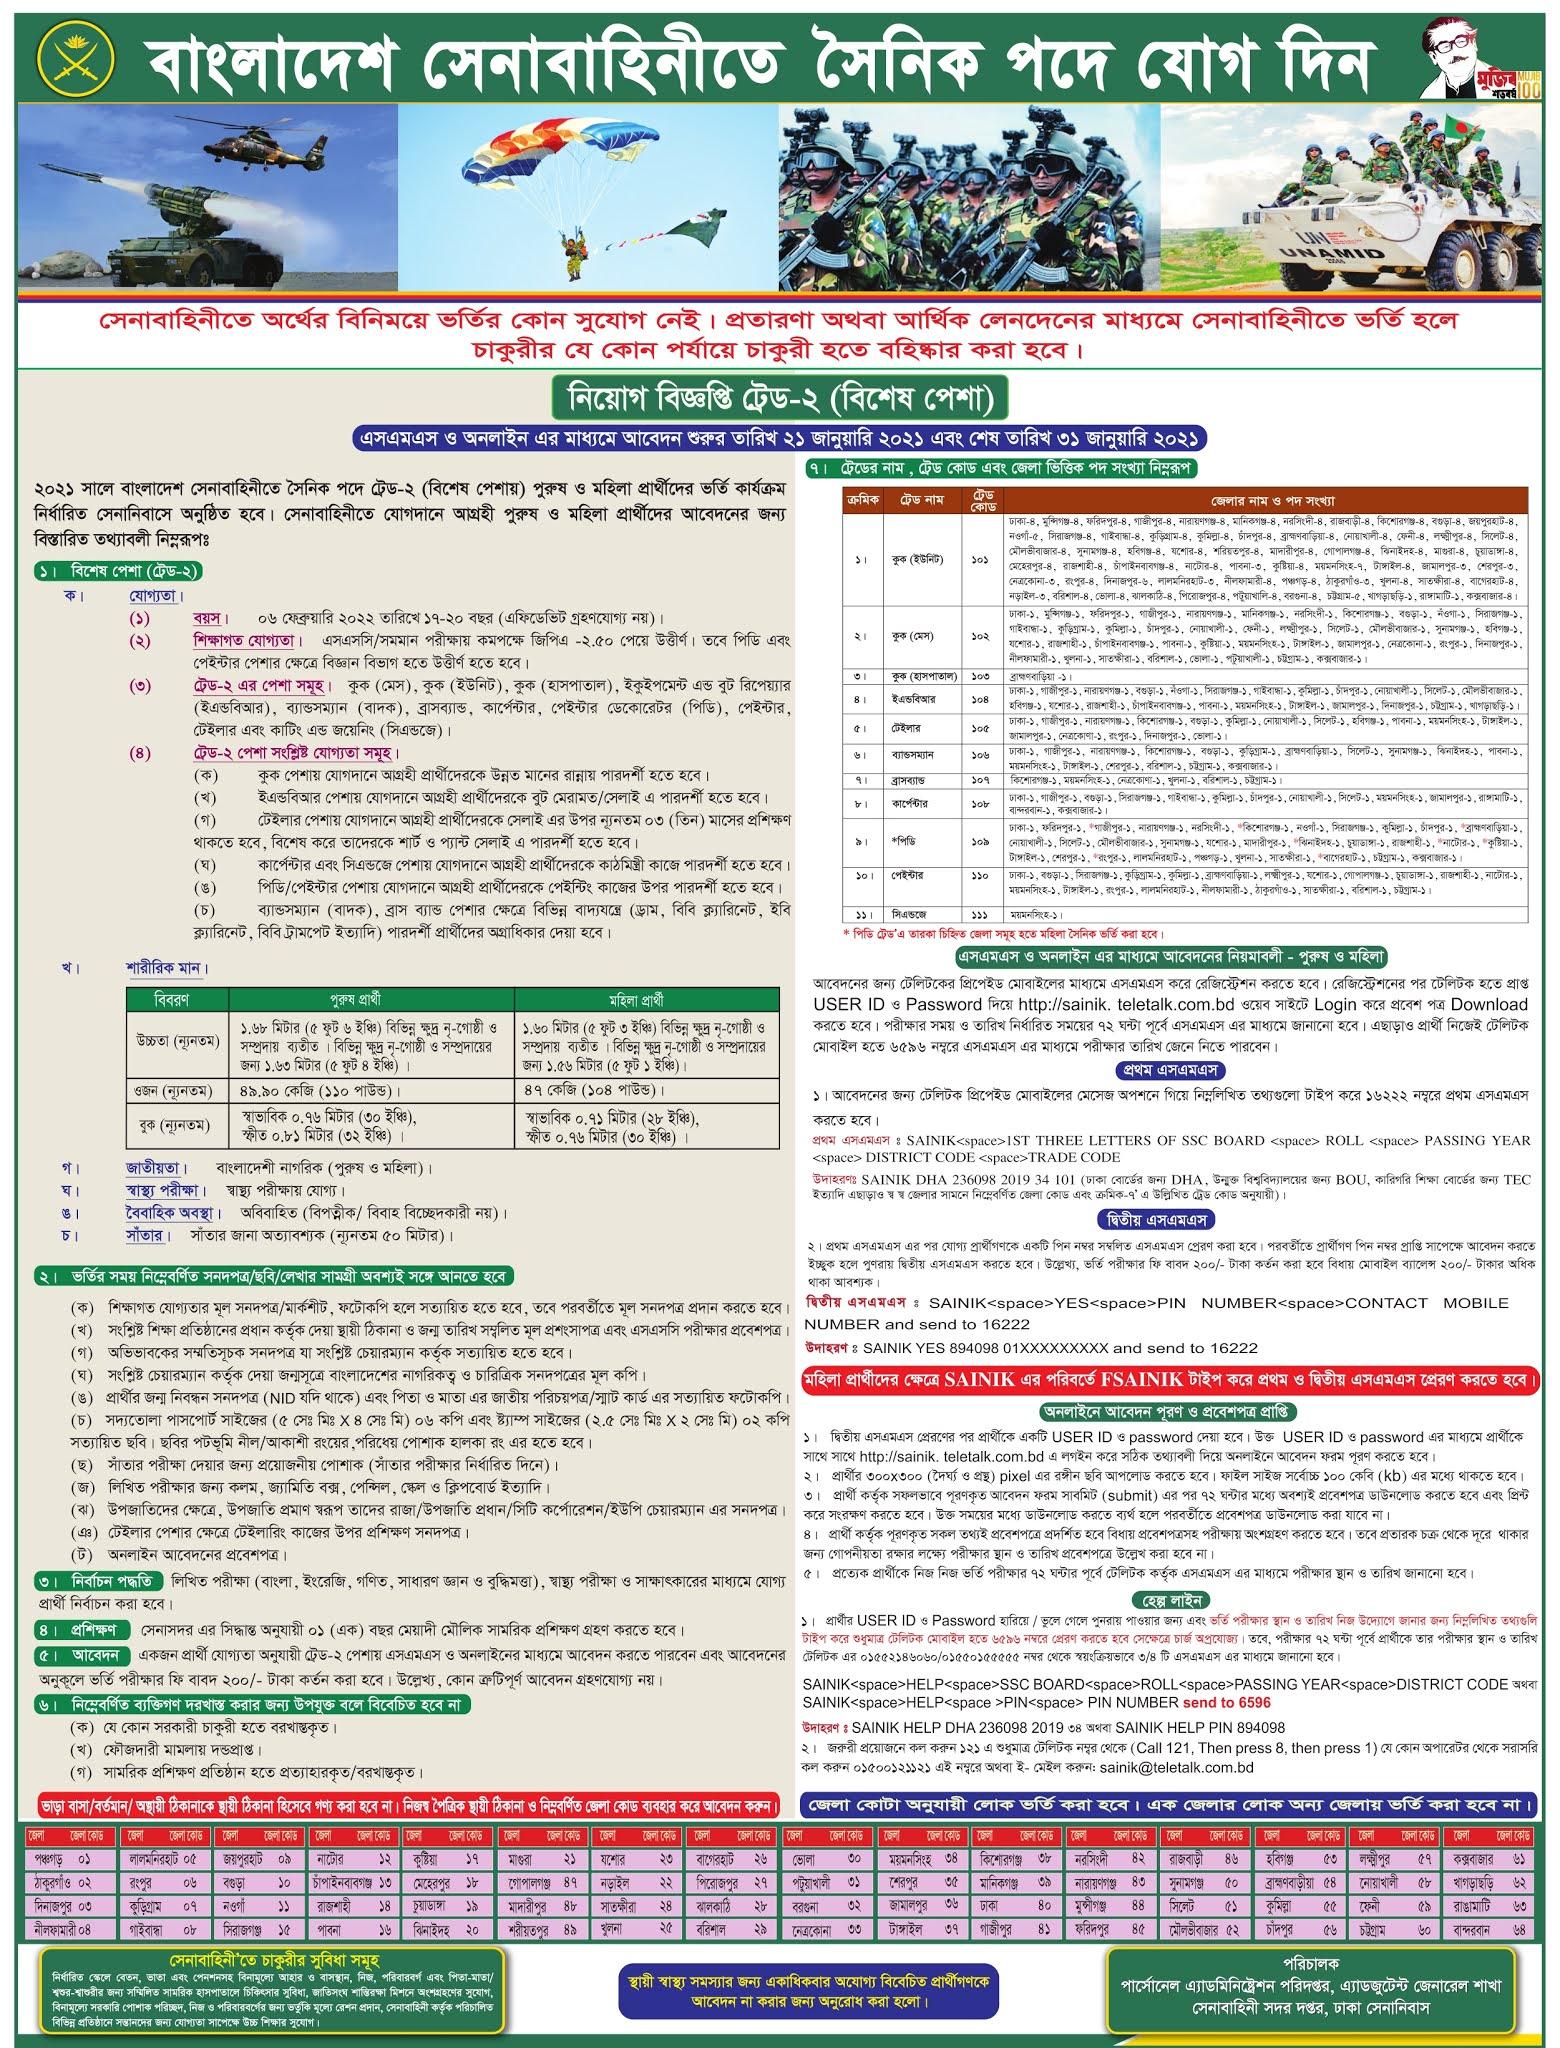 Bangladesh Army Sainik Job Circular 2021,  Senabahini New Circular 2021, Sainik Job Circular 2021